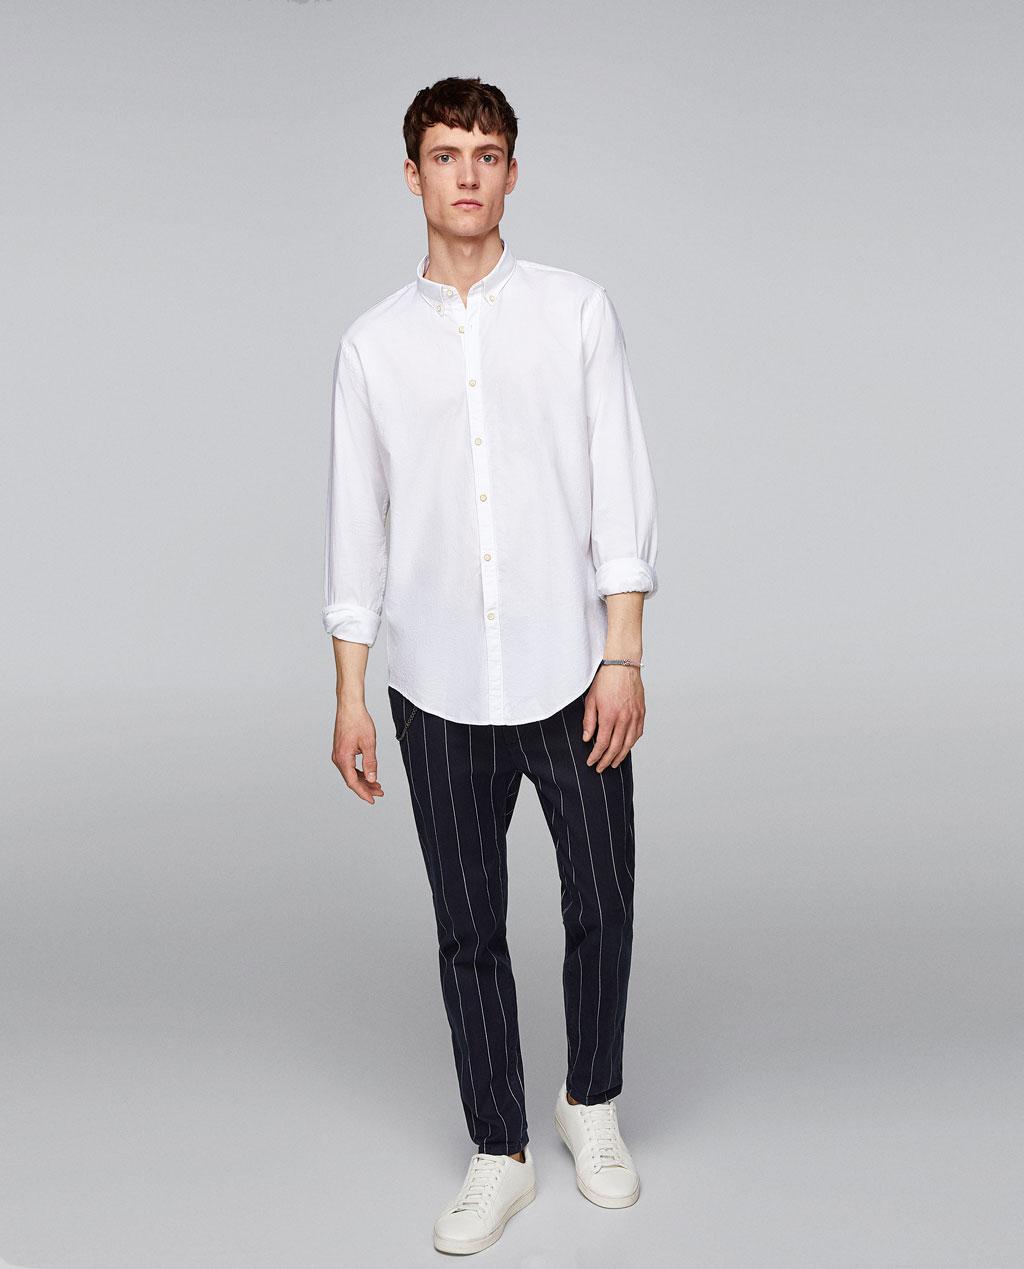 Thời trang nam Zara  24063 - ảnh 3